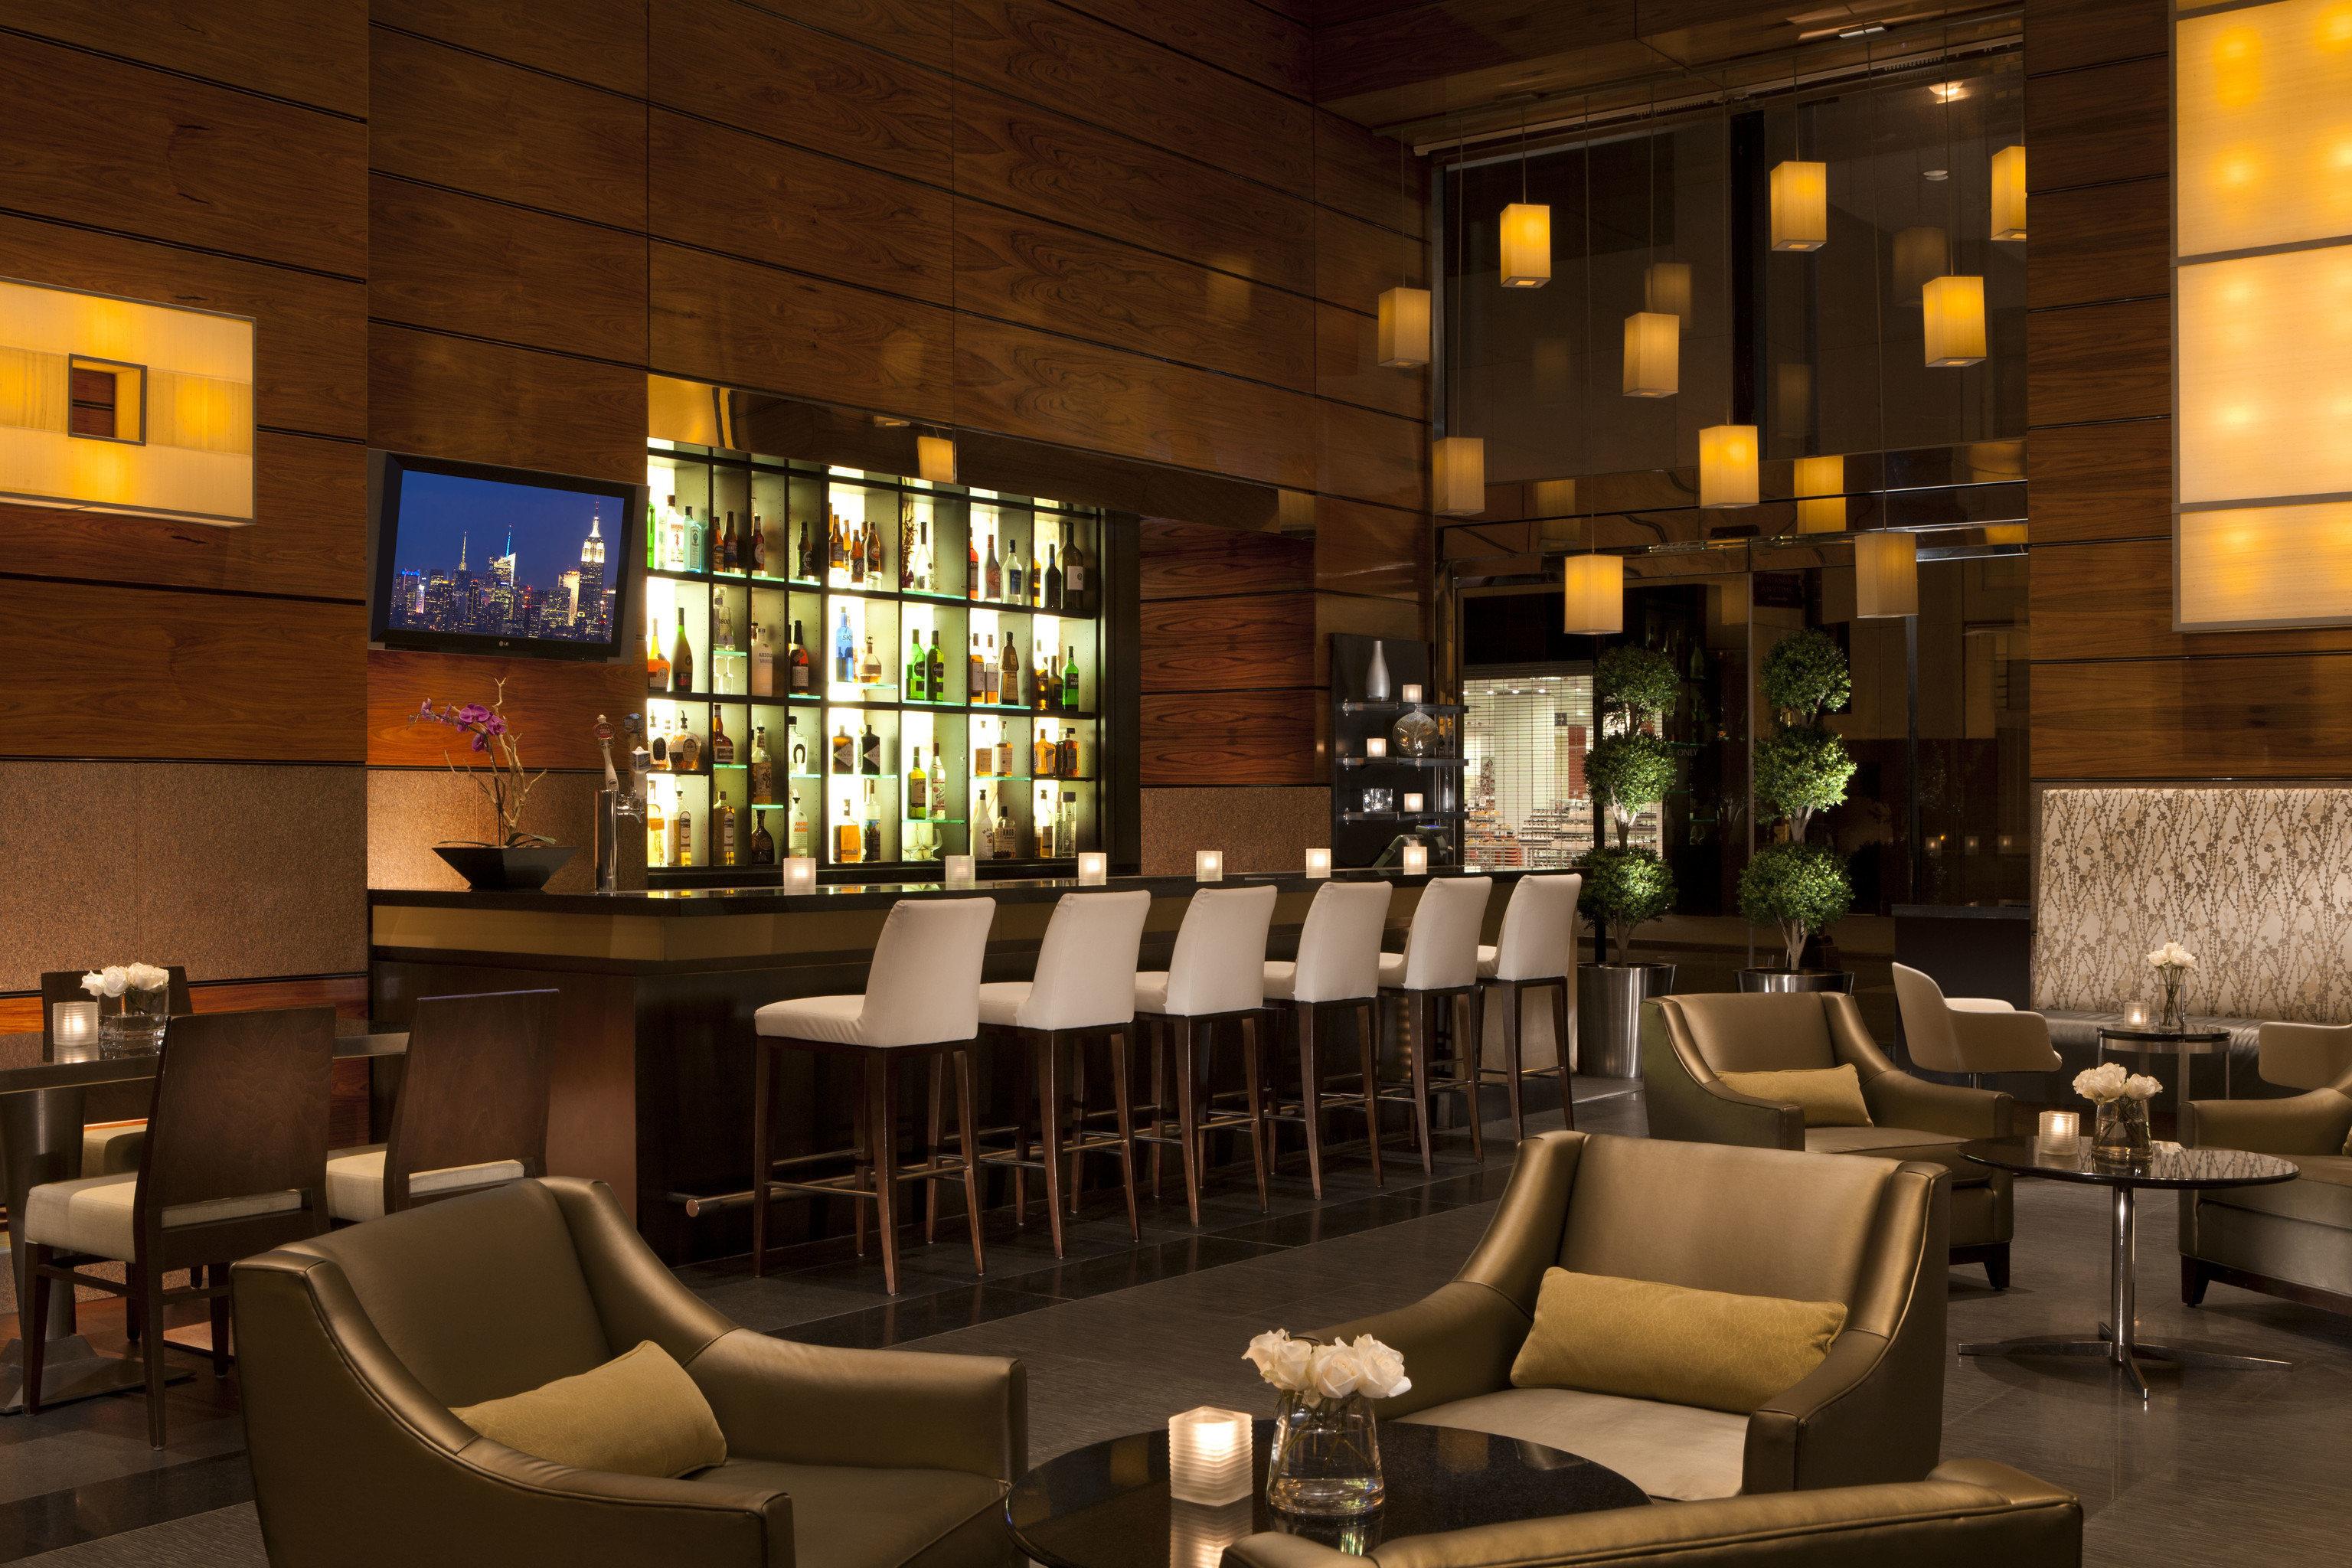 chair Lobby Bar restaurant café living room